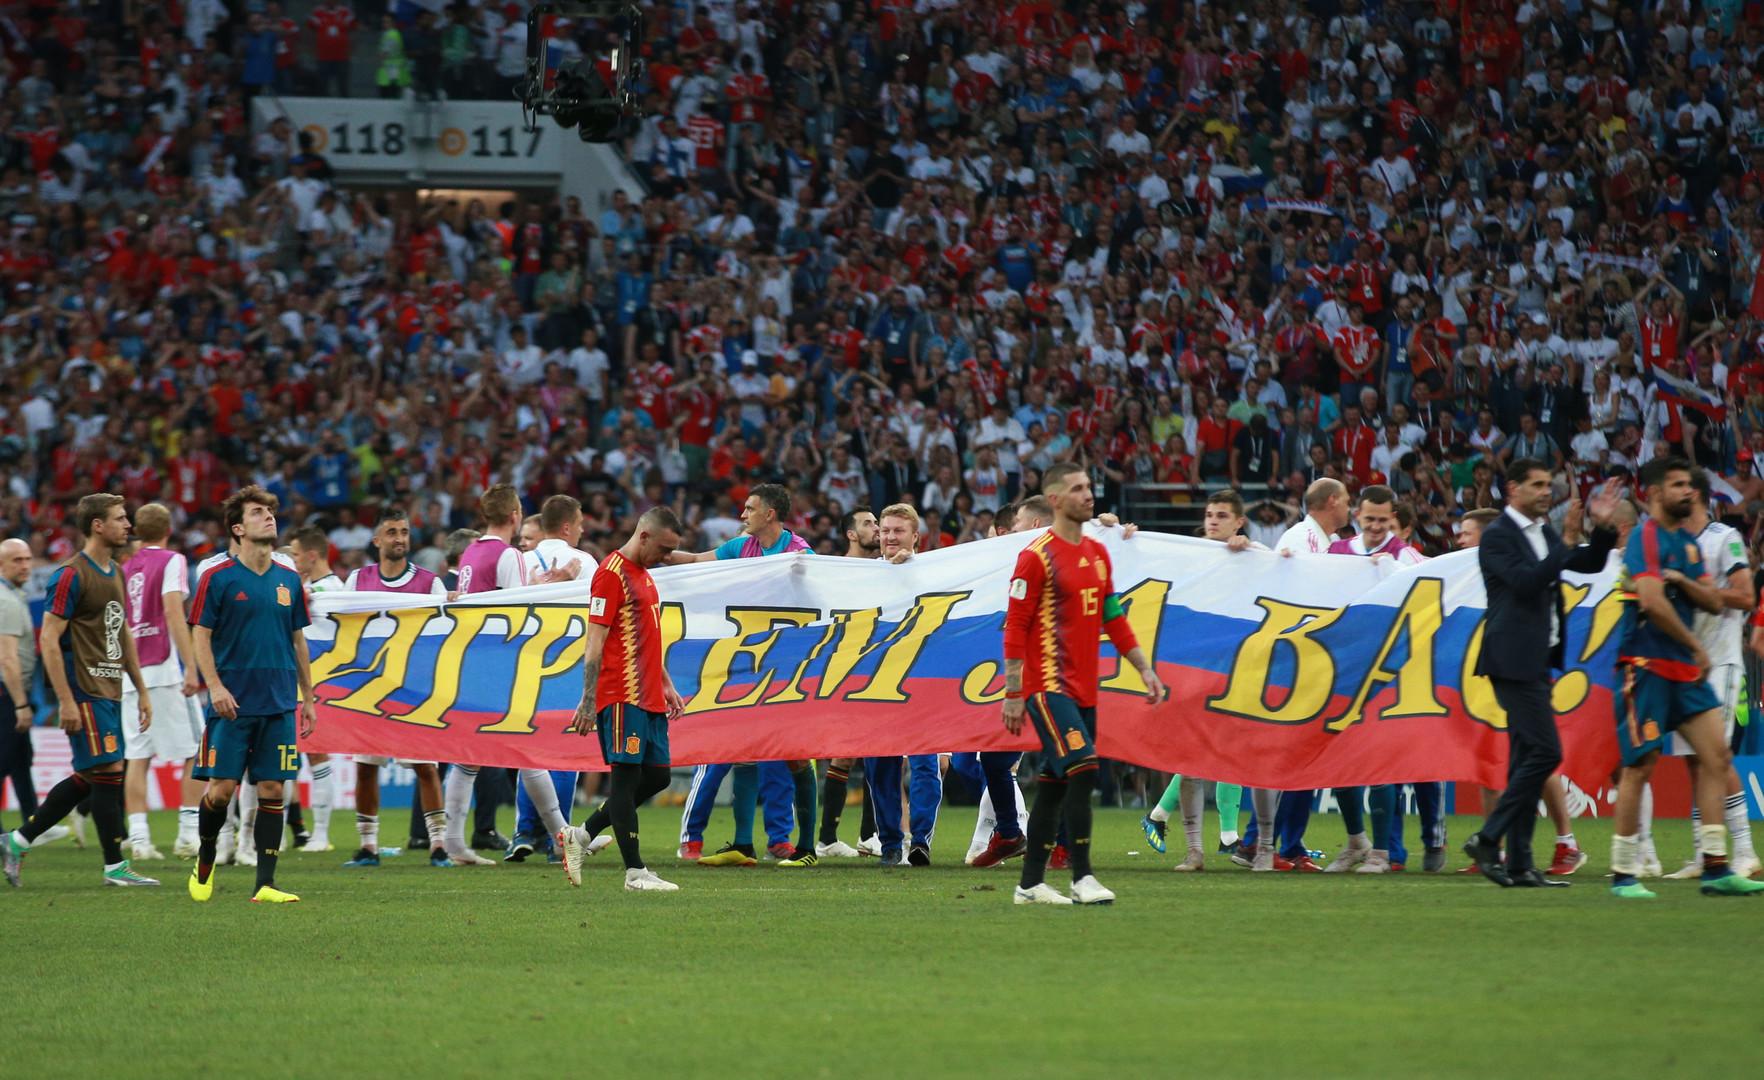 Viertelfinale!!  - Russland gewinnt den Achtelfinal-Krimi gegen Spanien im Elfmeterschießen